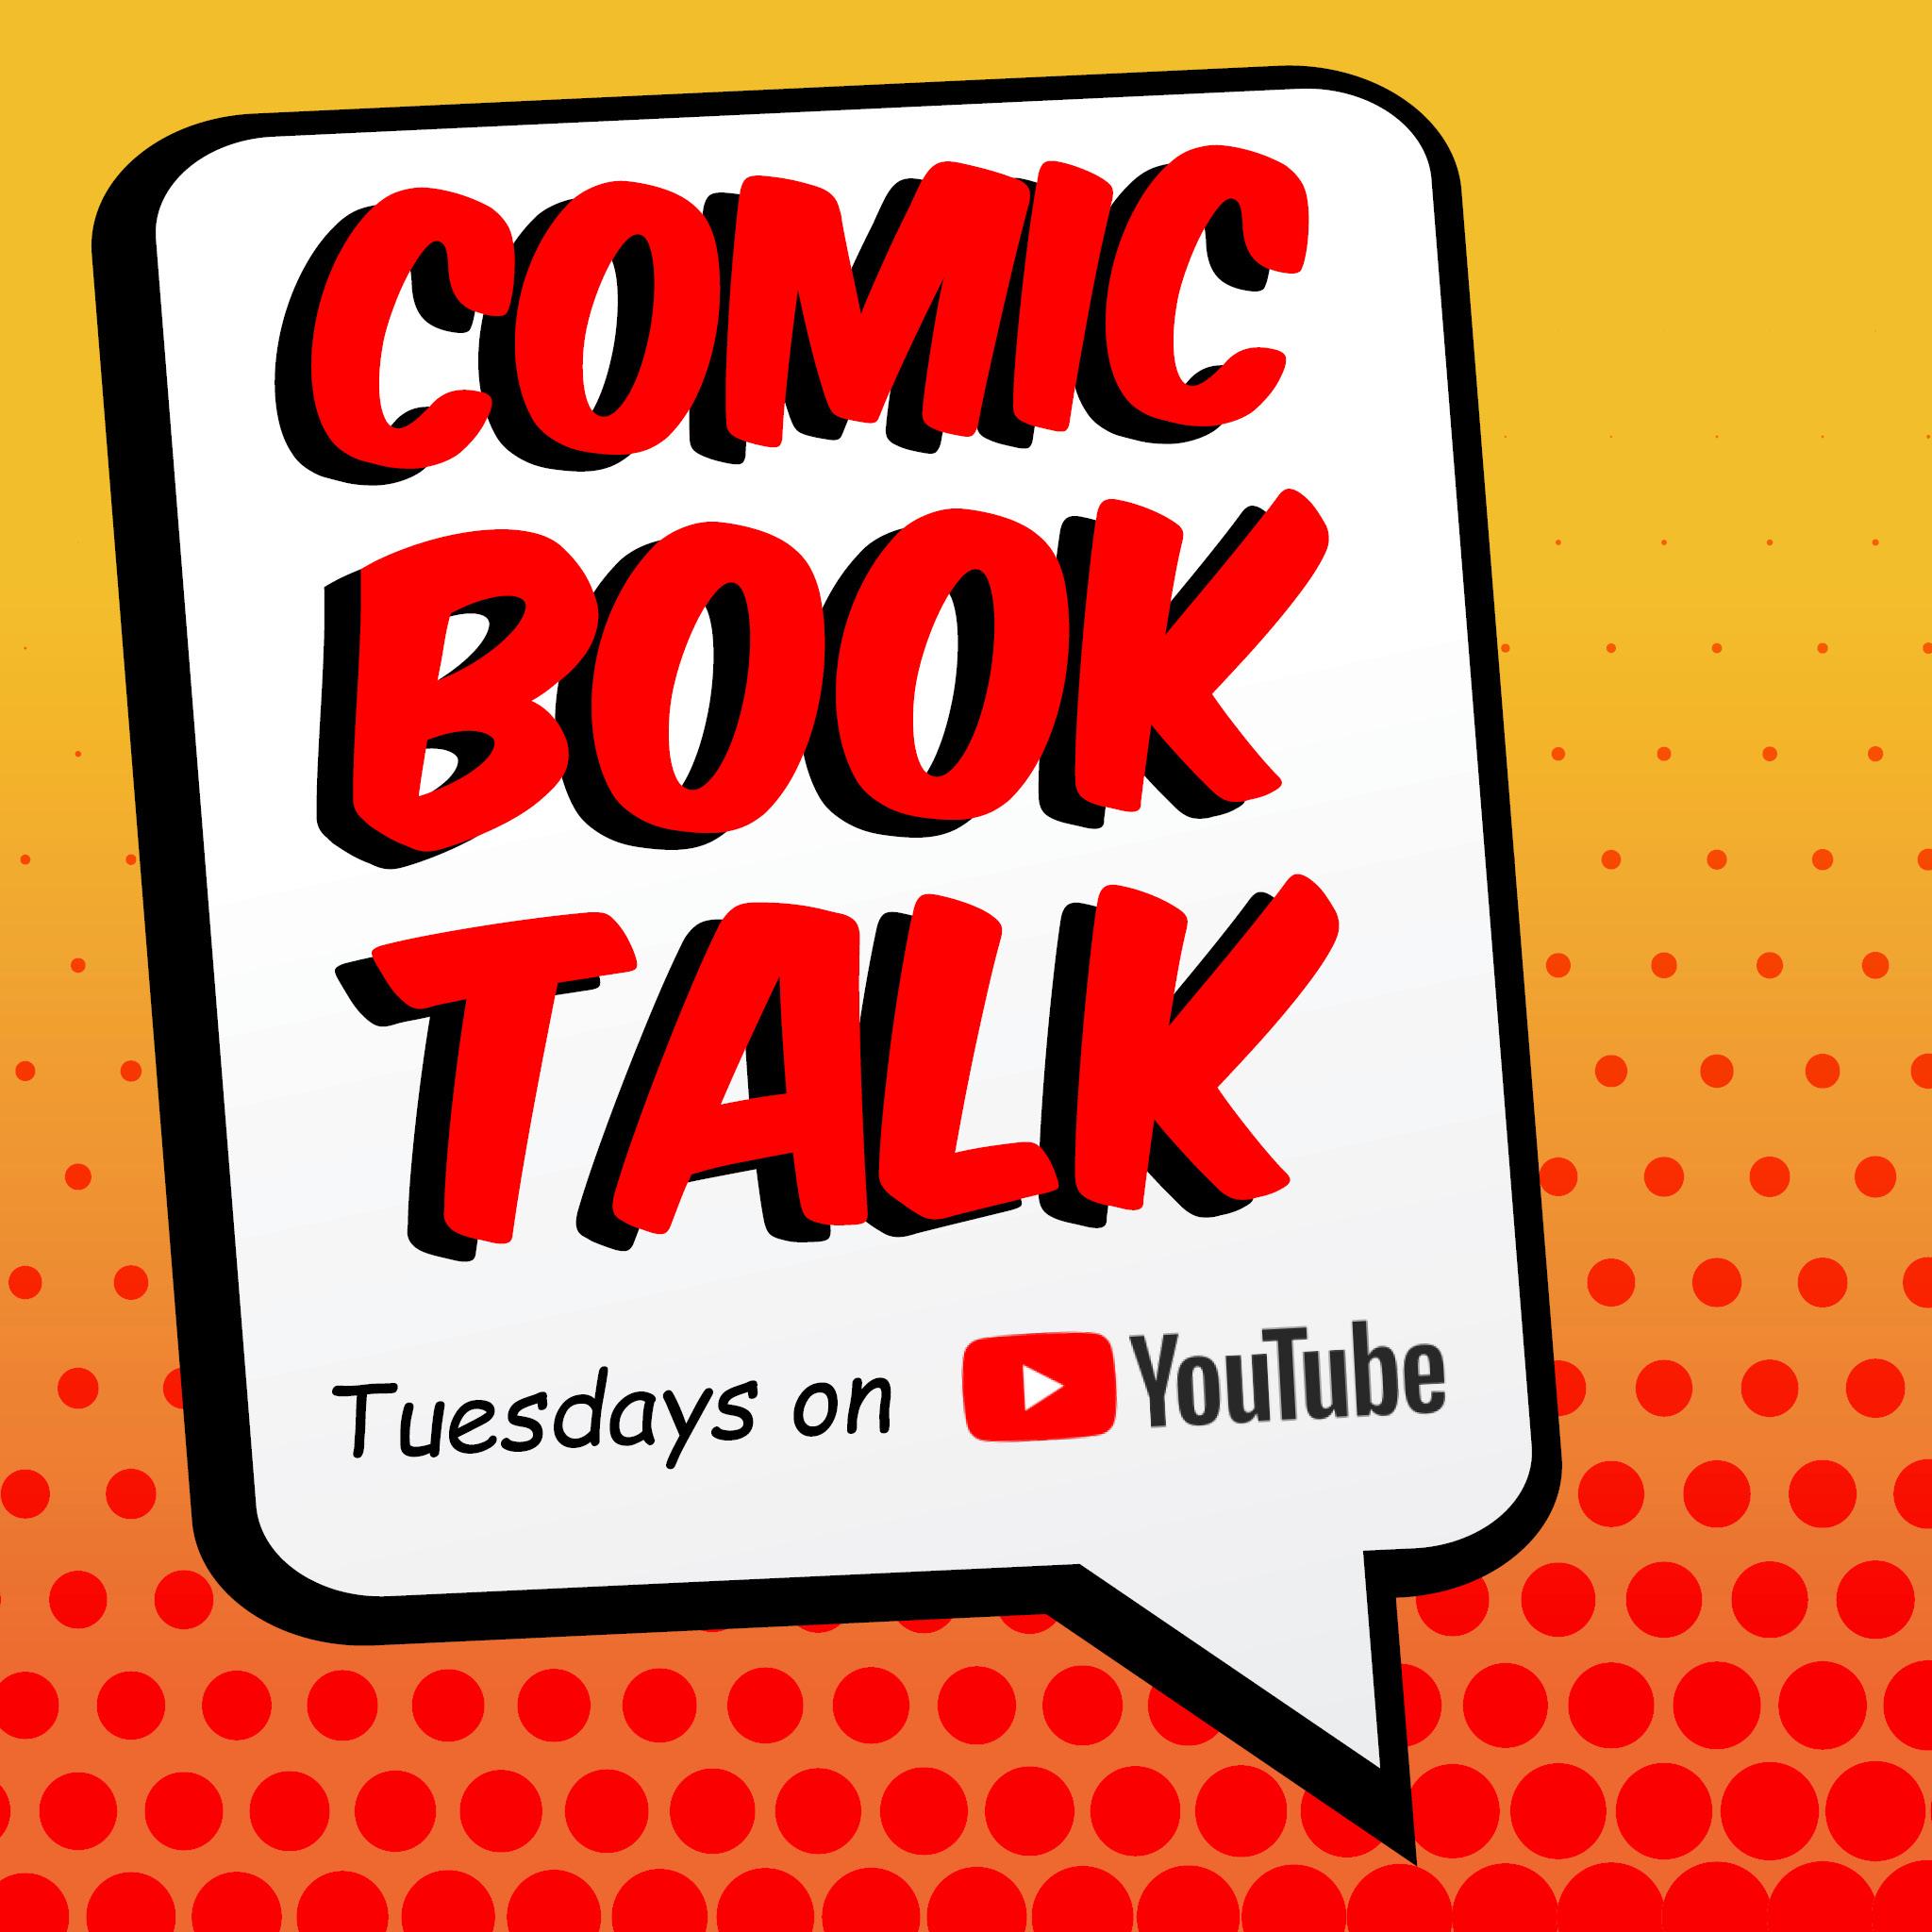 Comic Book Talk